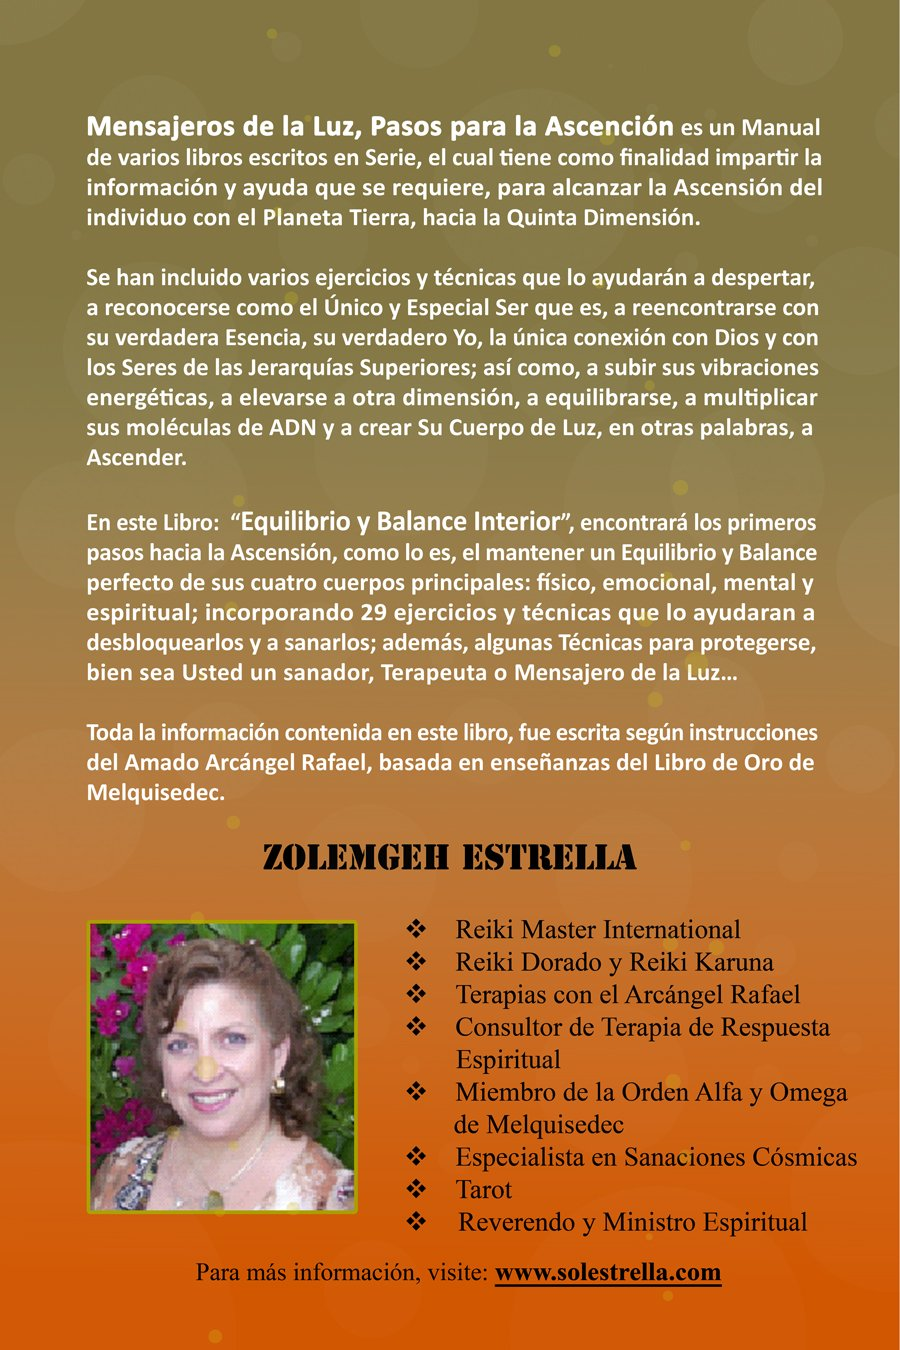 Mensajeros de la Luz, Pasos Para la Ascension: Equilibrio y Balance  Interior (Spanish Edition): Zolemgeh Estrella: 9789801255123: Books -  Amazon.ca